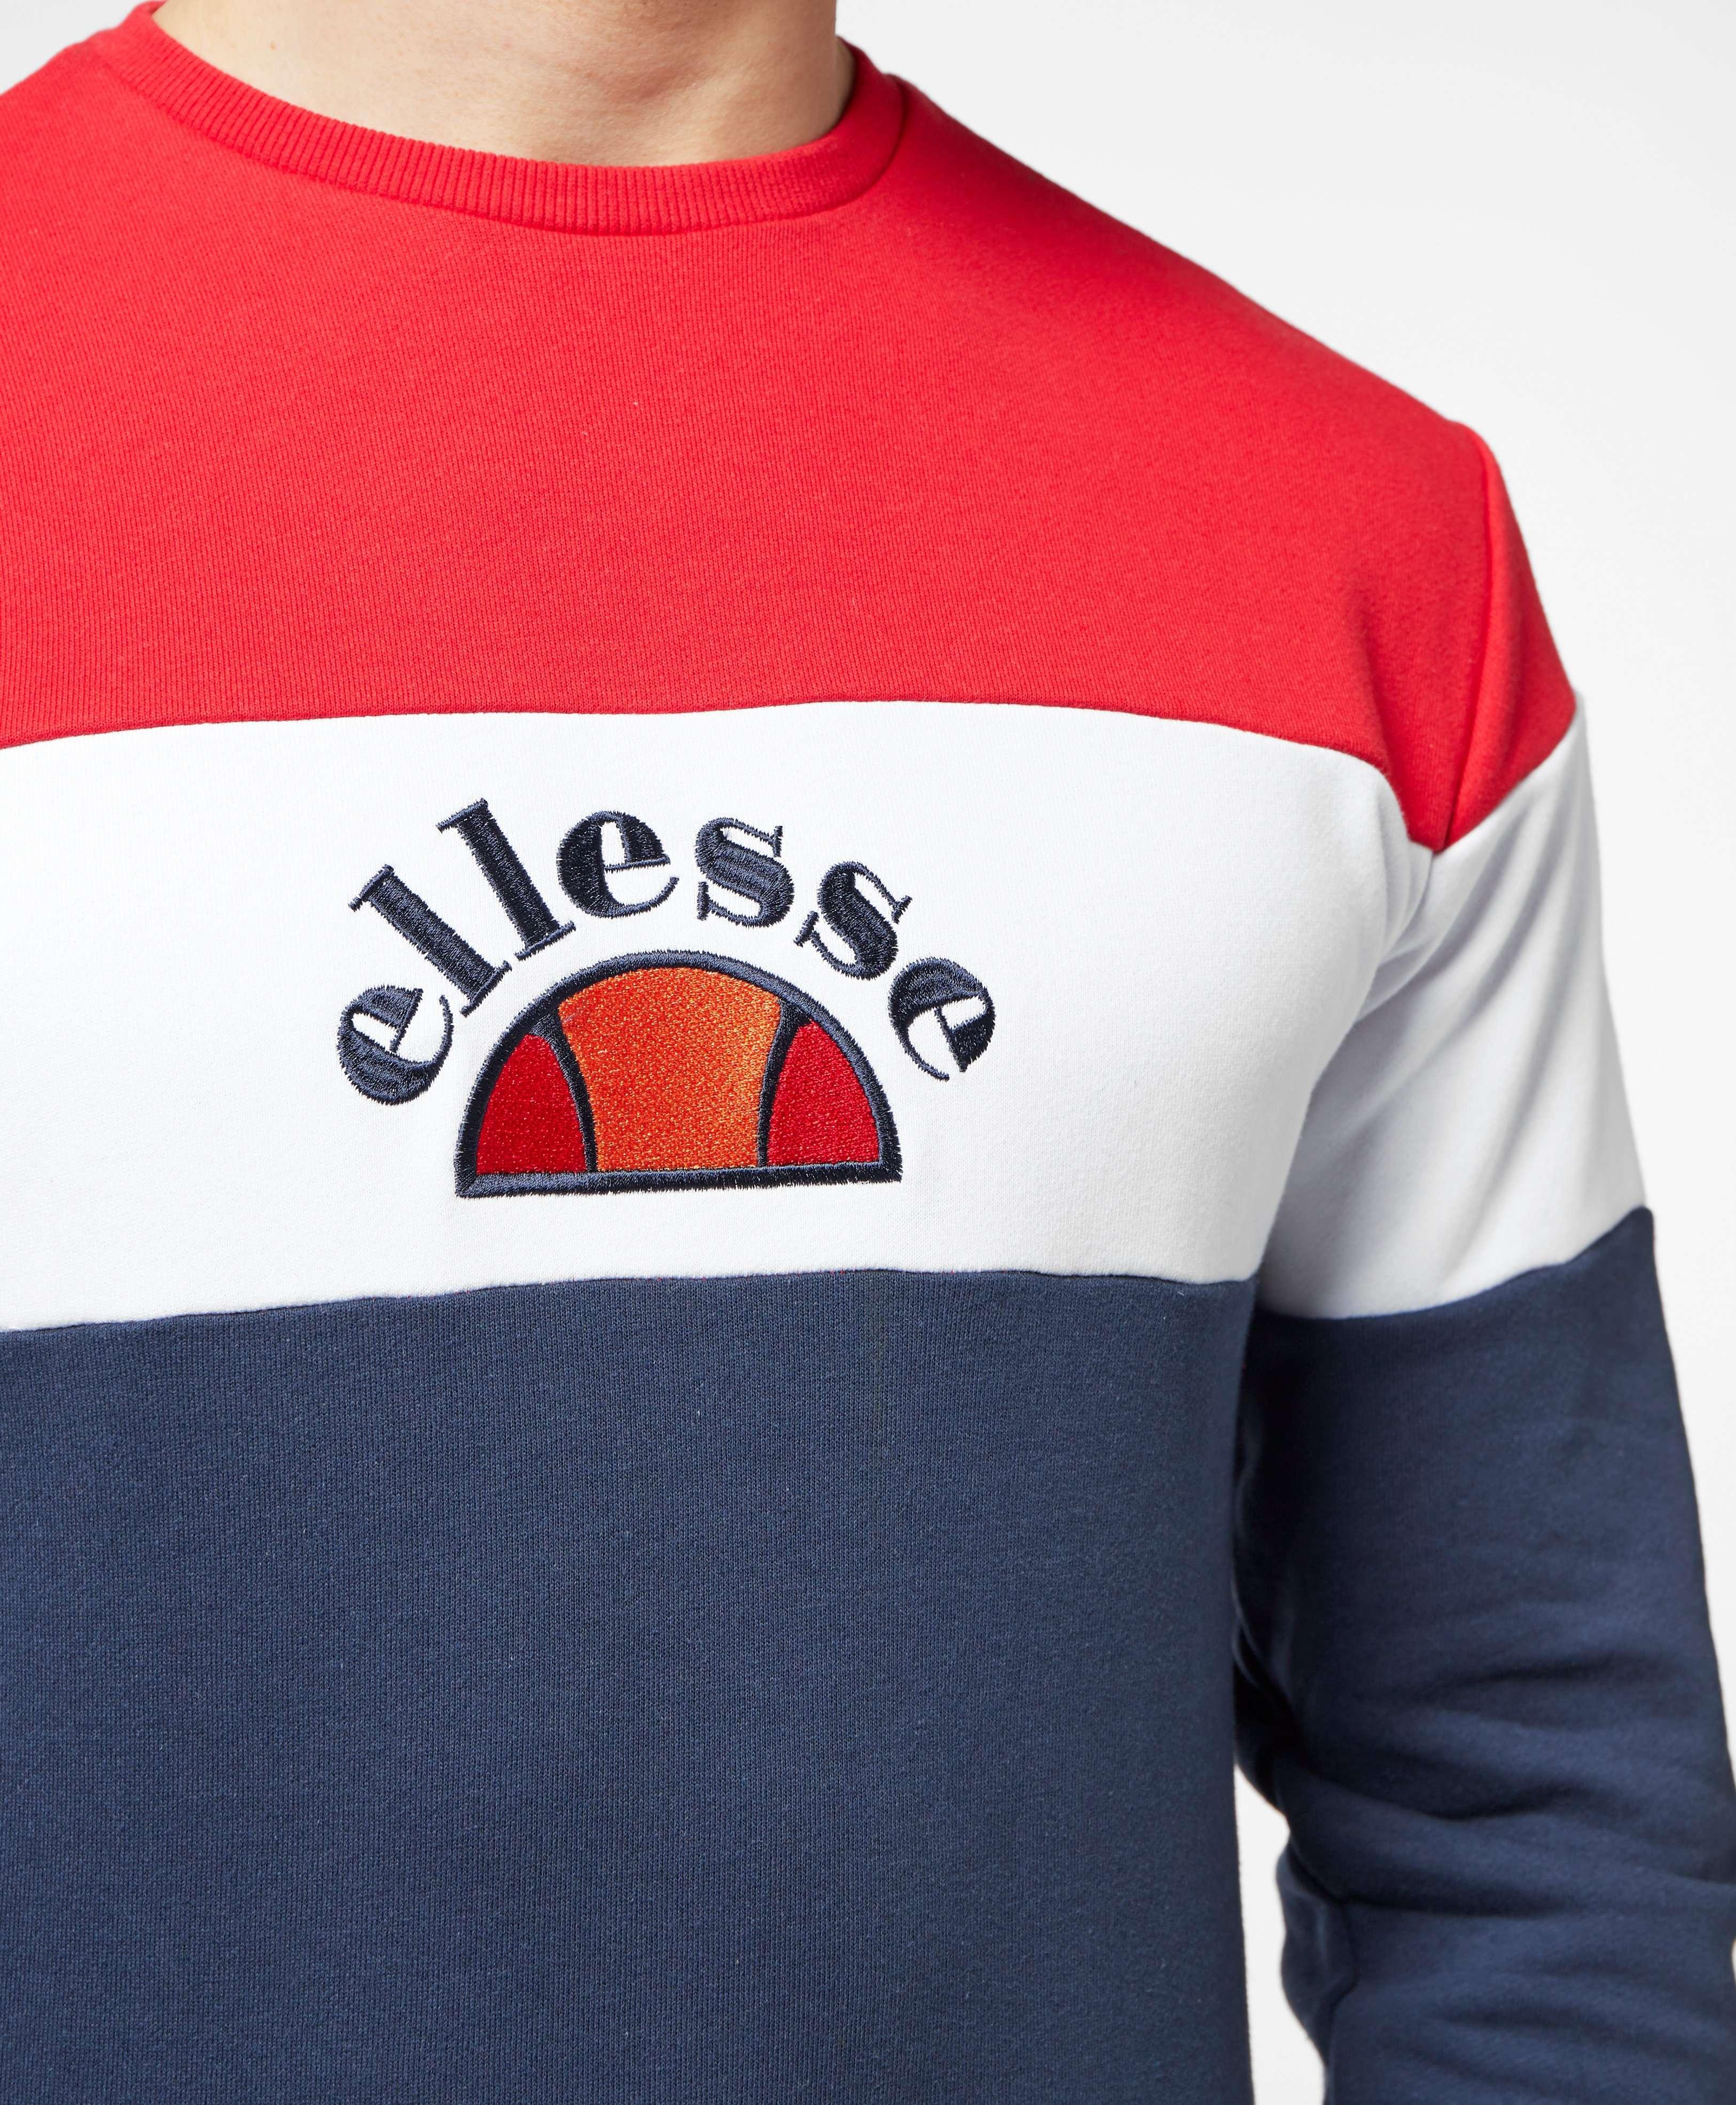 Ellesse Oriveto Sweatshirt - Online Exclusive